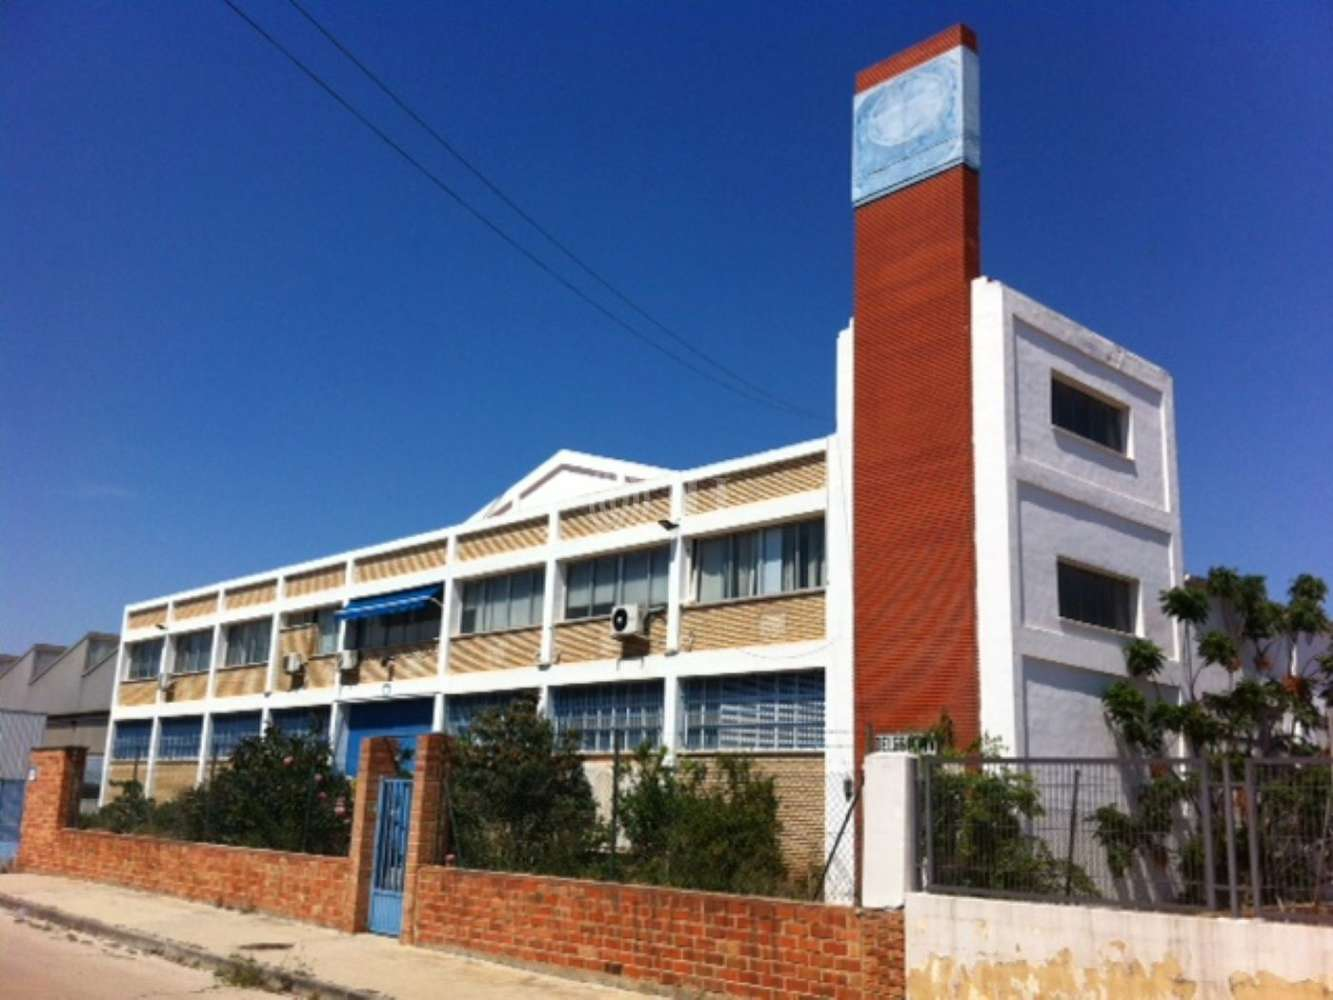 Naves industriales y logísticas Palma, 7009 - B0502 NAVE INDUSTRIAL EN VENTA SON CASTELLO PALMA DE MALLORCA